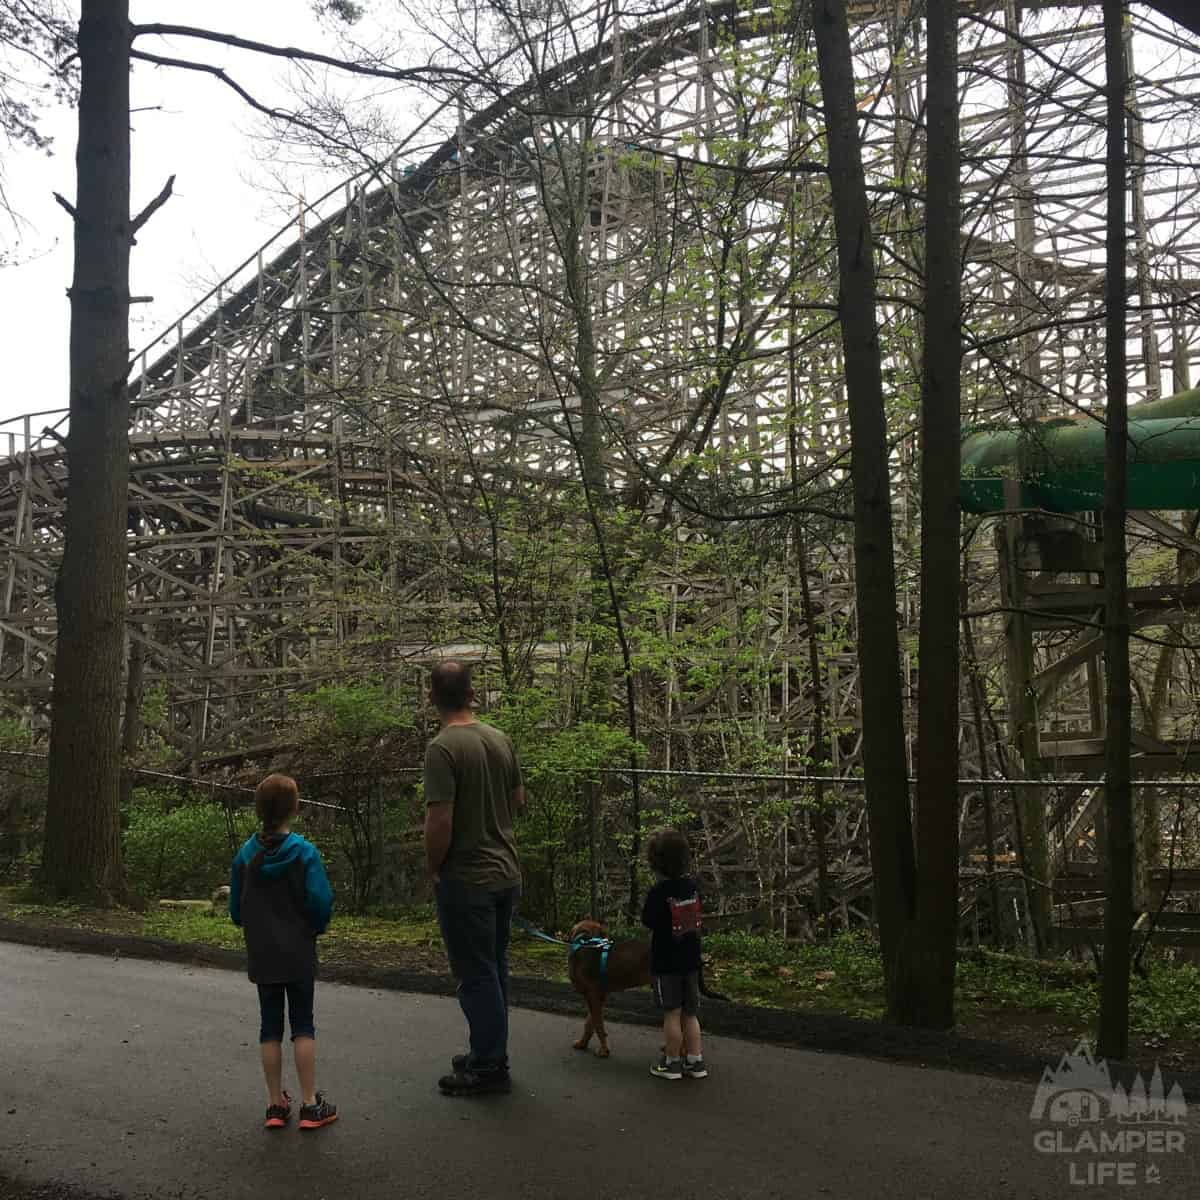 Roller Coaster Knoebels Campground